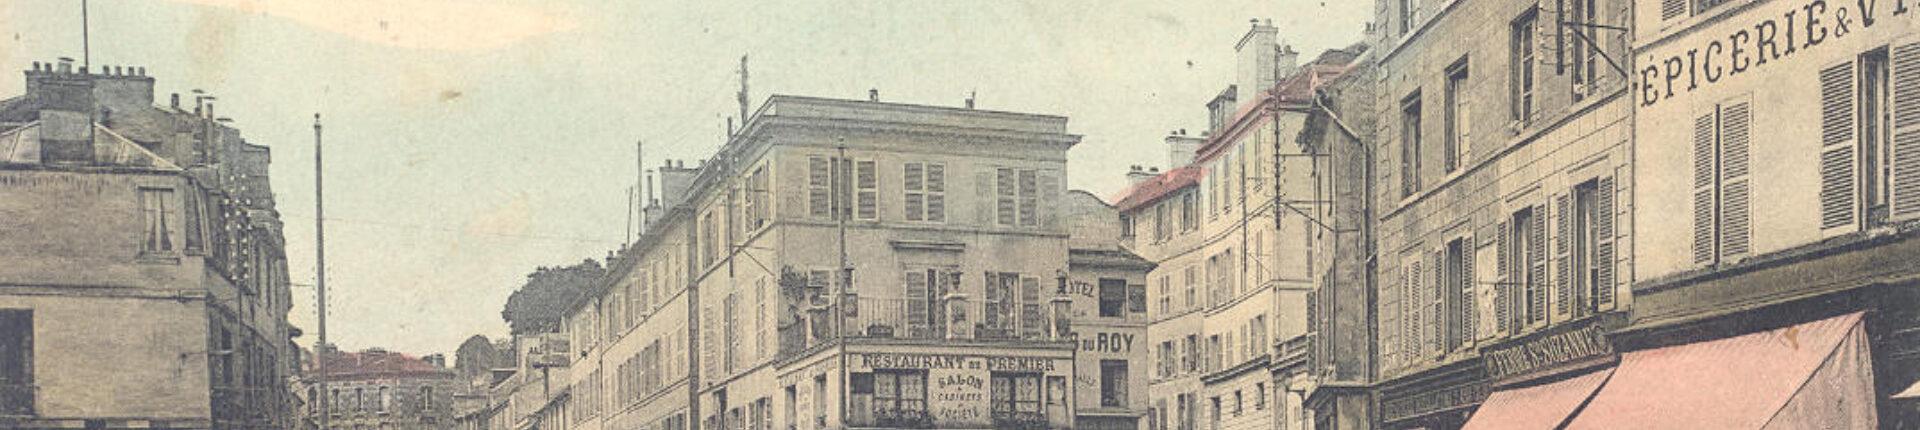 Bicentenaire : la première mairie de Sèvres